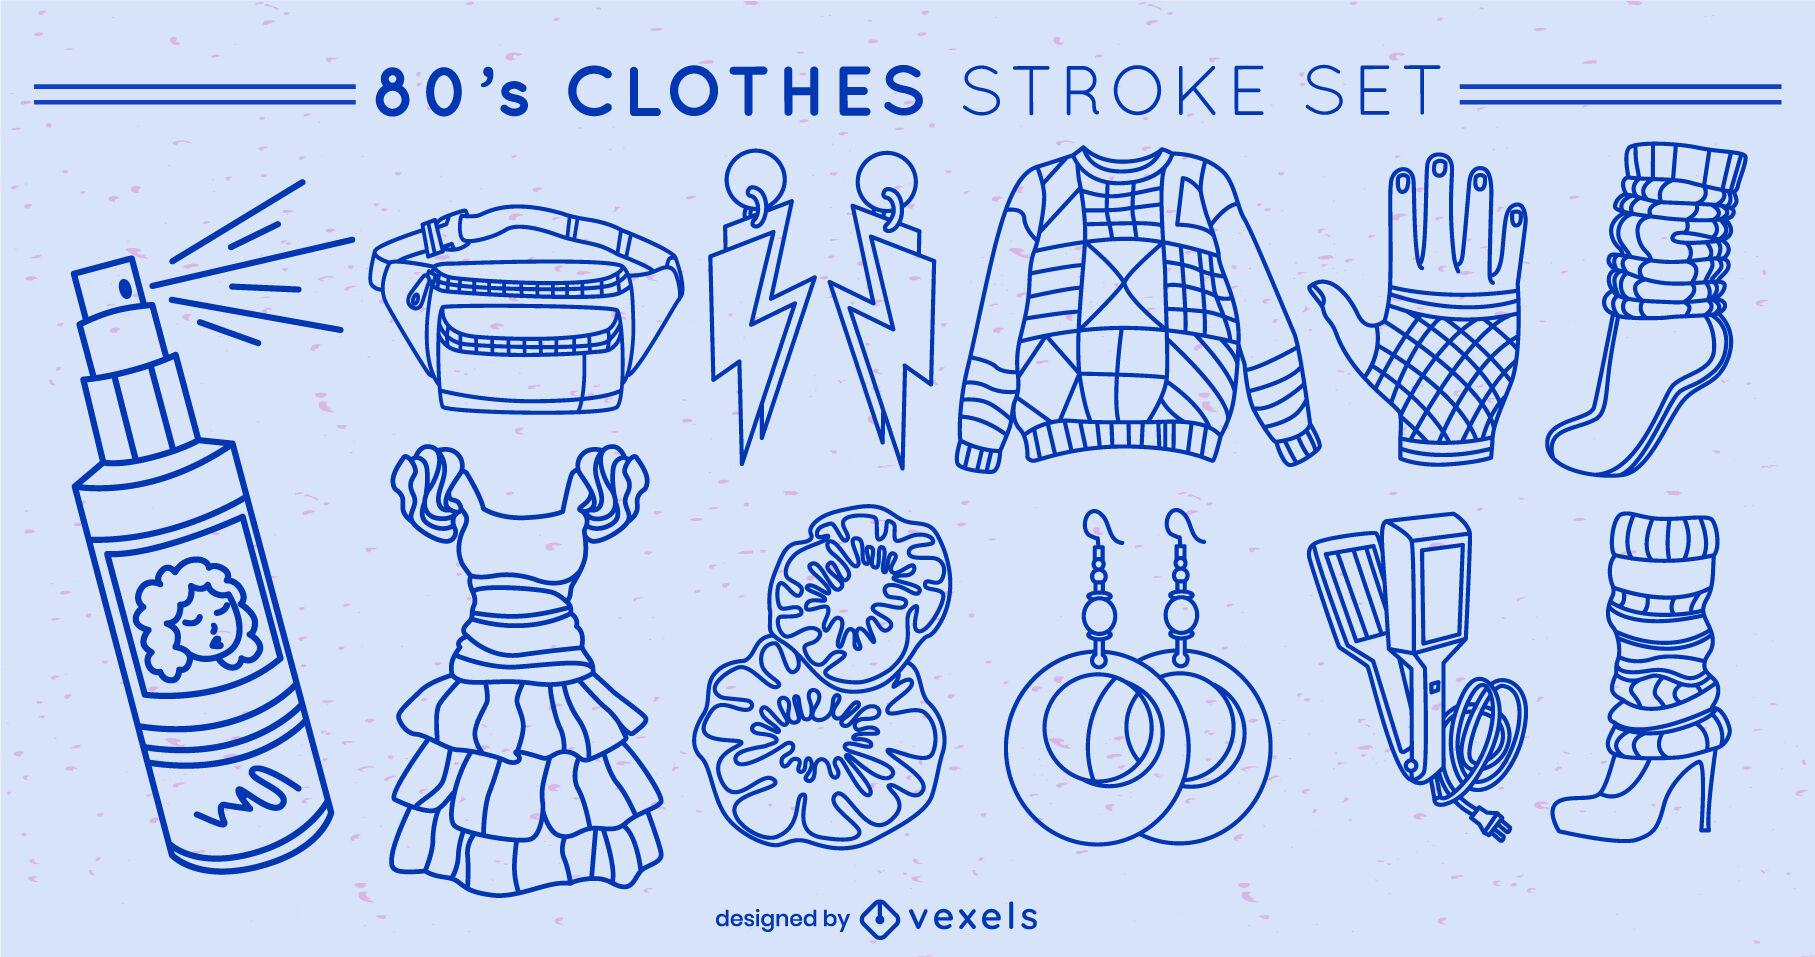 Retro clothing elements set stroke